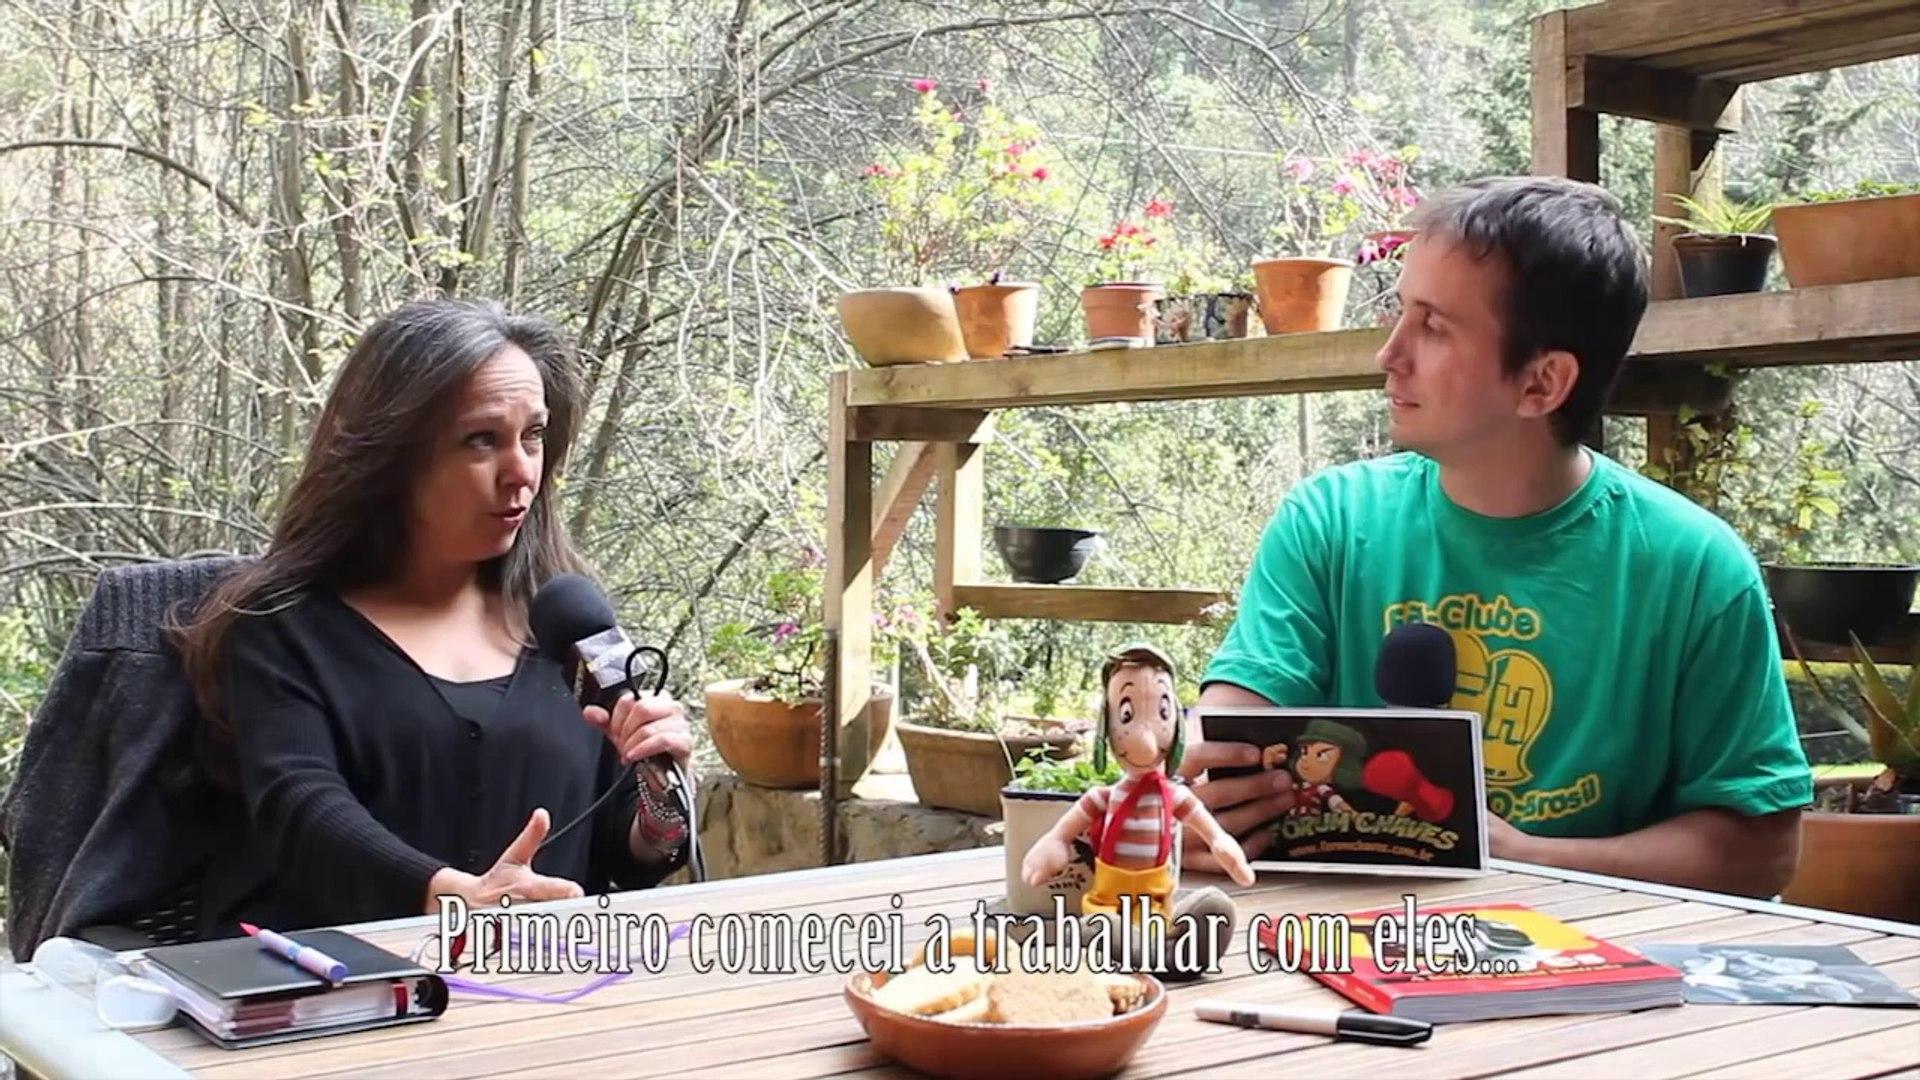 Ana Lilian De La Macorra entrevista com paty (ana de la macorra) - ahsefordeu no méxico